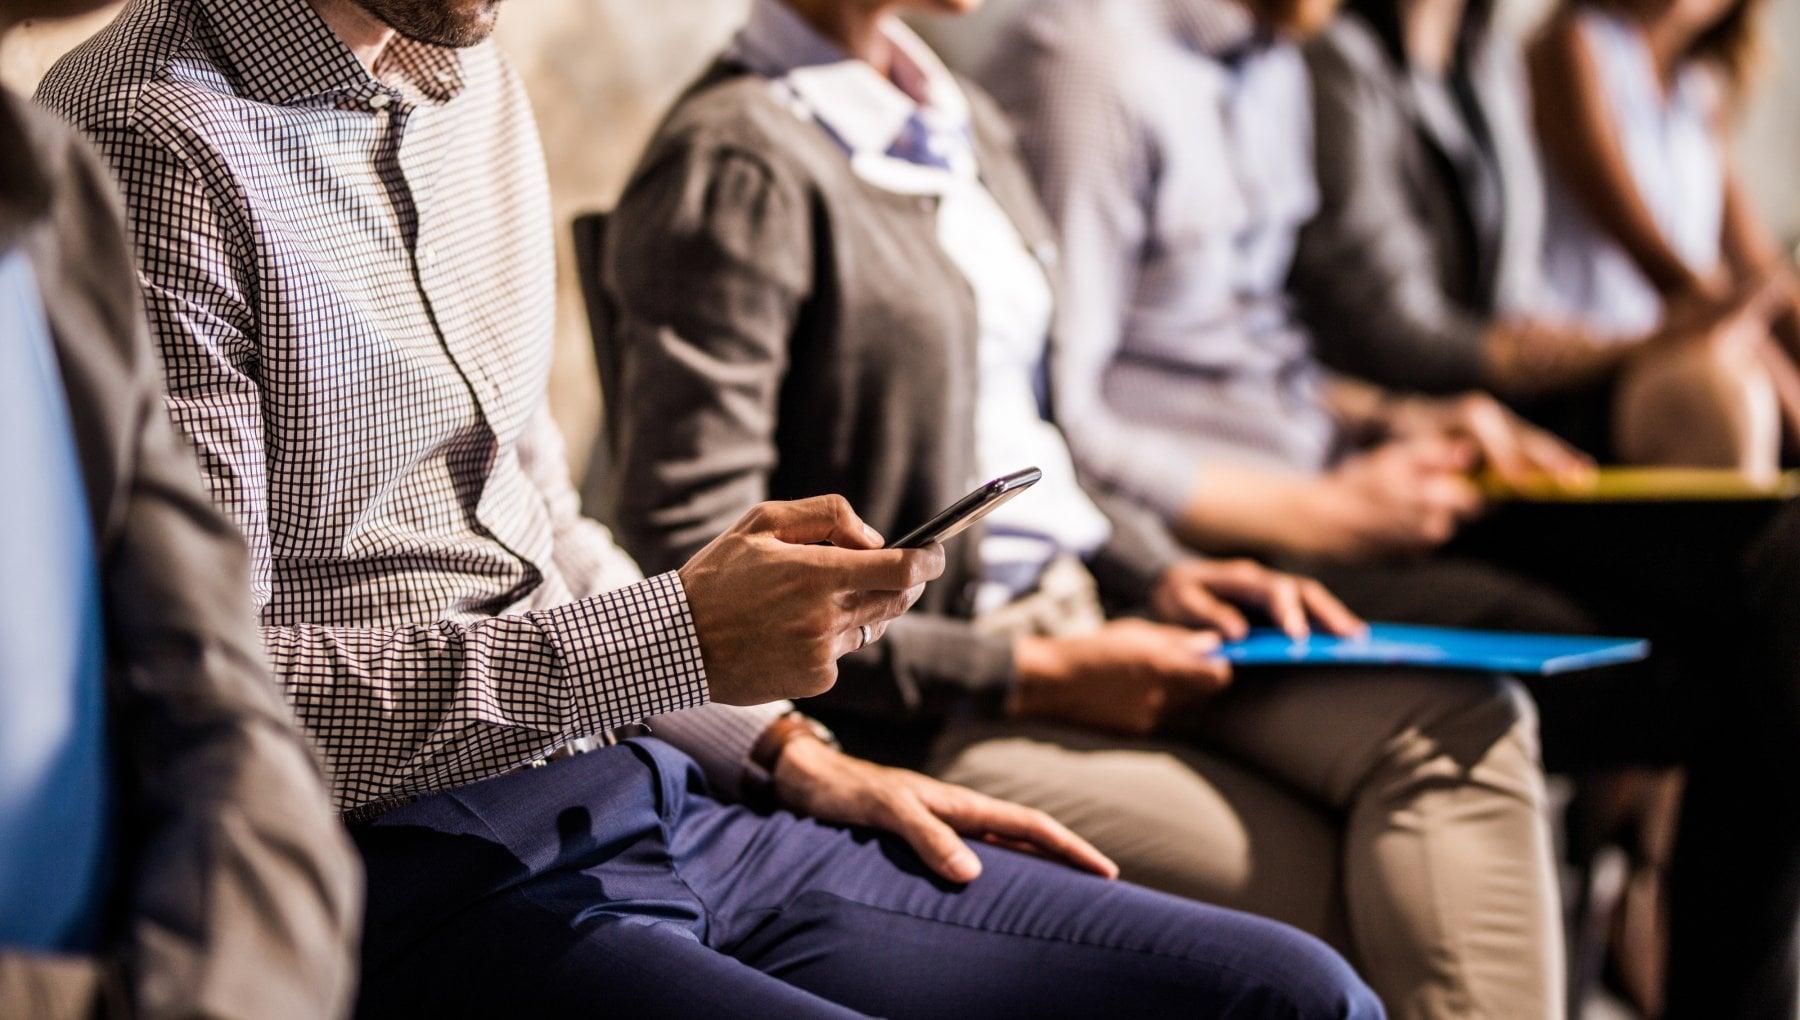 Manovra smartphone e abbonamento a due quotidiani gratis per i redditi bassi